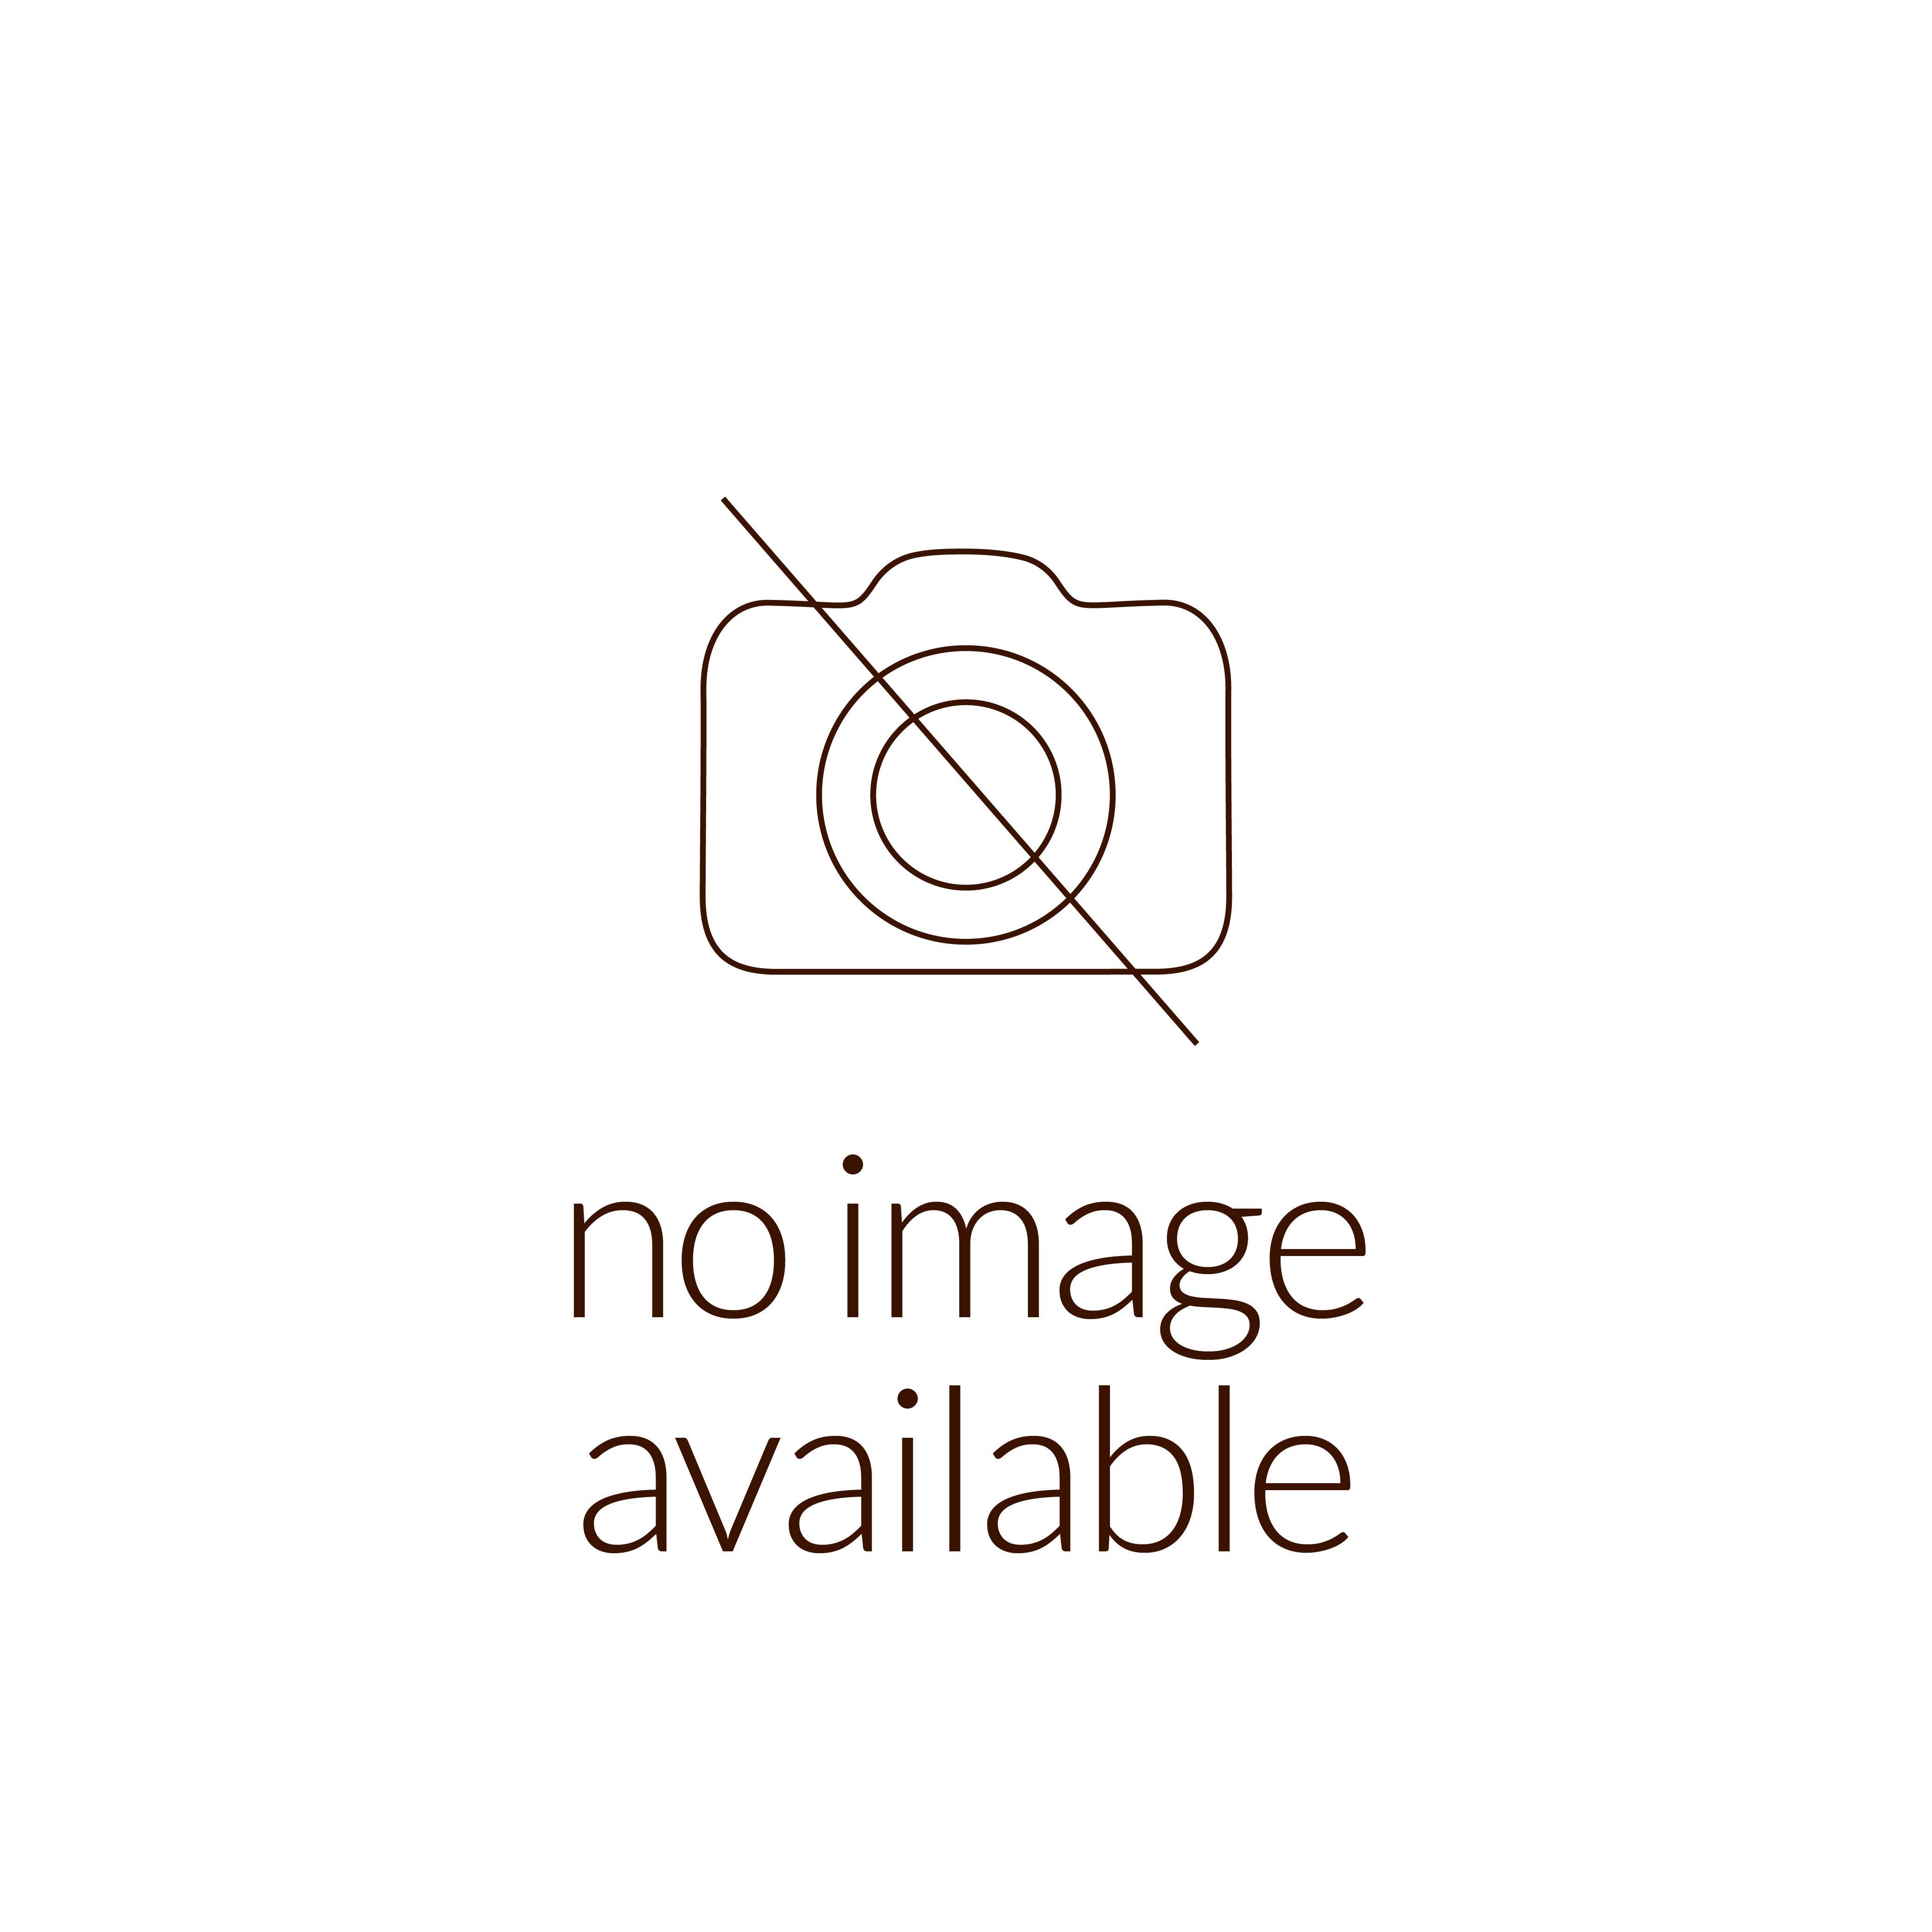 """מדליה ממלכתית, רב אלוף יצחק רבין, ארד טומבק, 59.0 מ""""מ, 17 גרם - צד הנושא"""